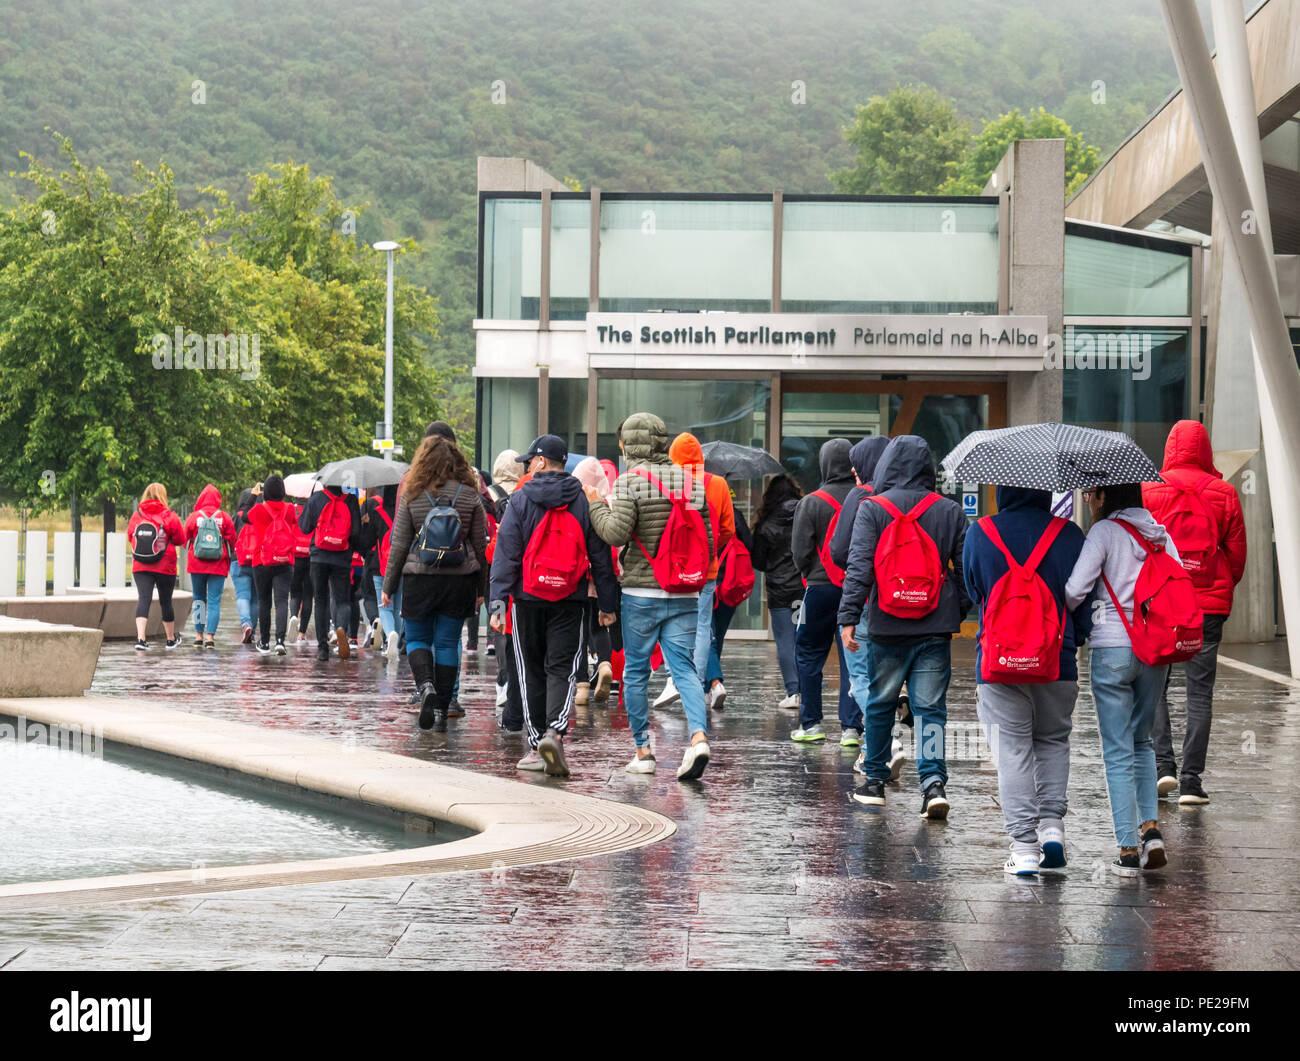 Walking Tour Edinburgh Stock Photos & Walking Tour Edinburgh Stock